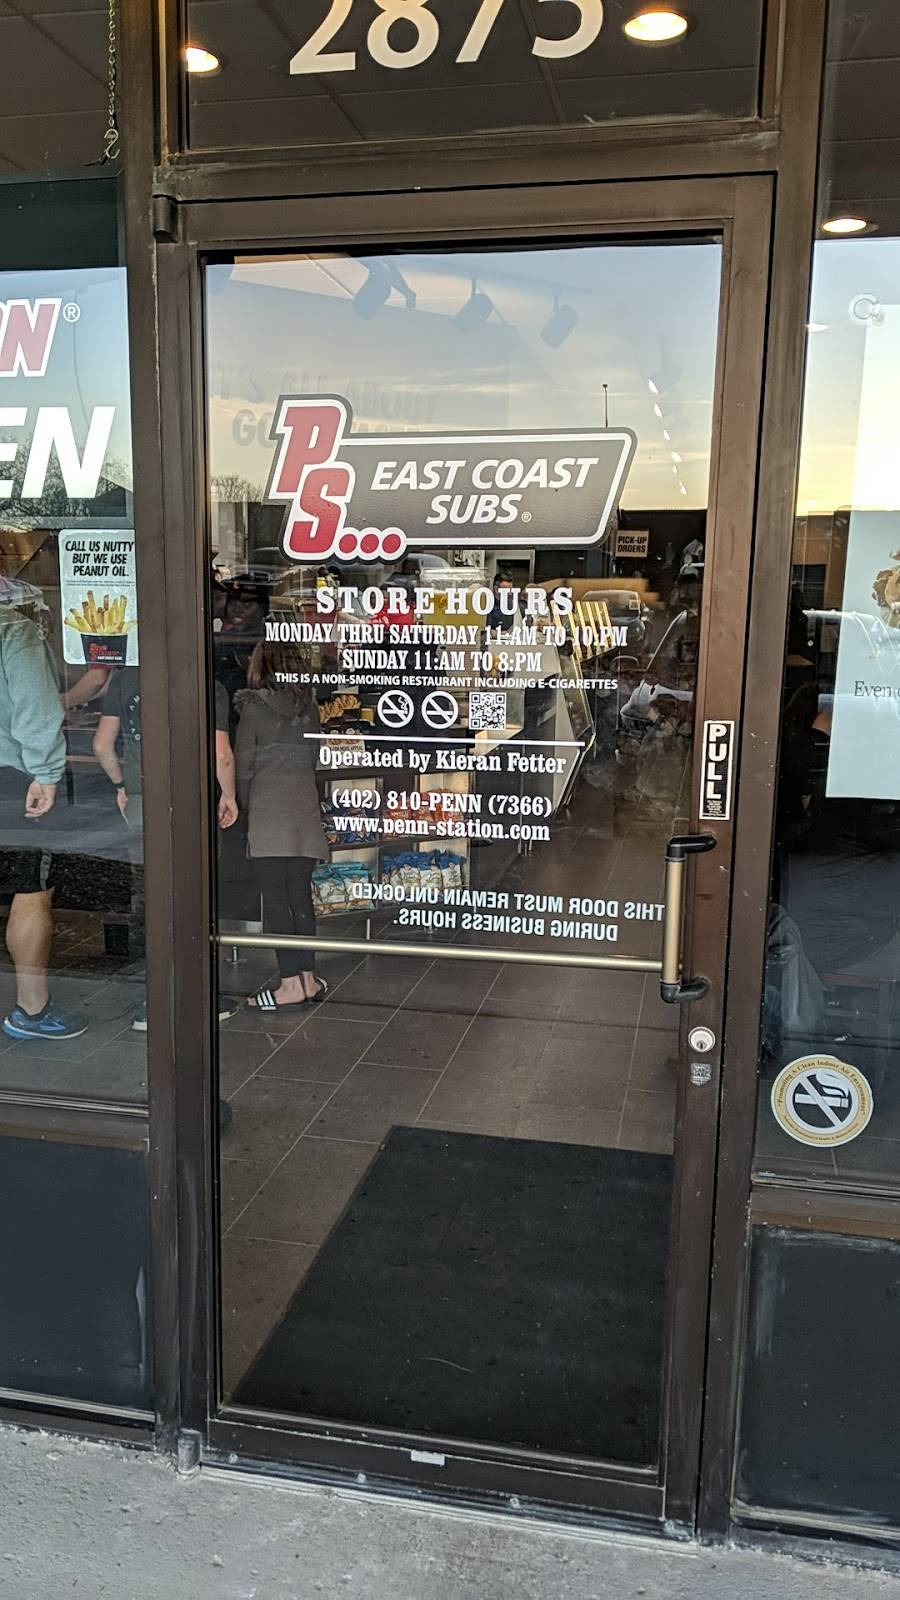 Penn Station East Coast Subs | restaurant | 2875 S 168th St, Omaha, NE 68130, USA | 4028107366 OR +1 402-810-7366